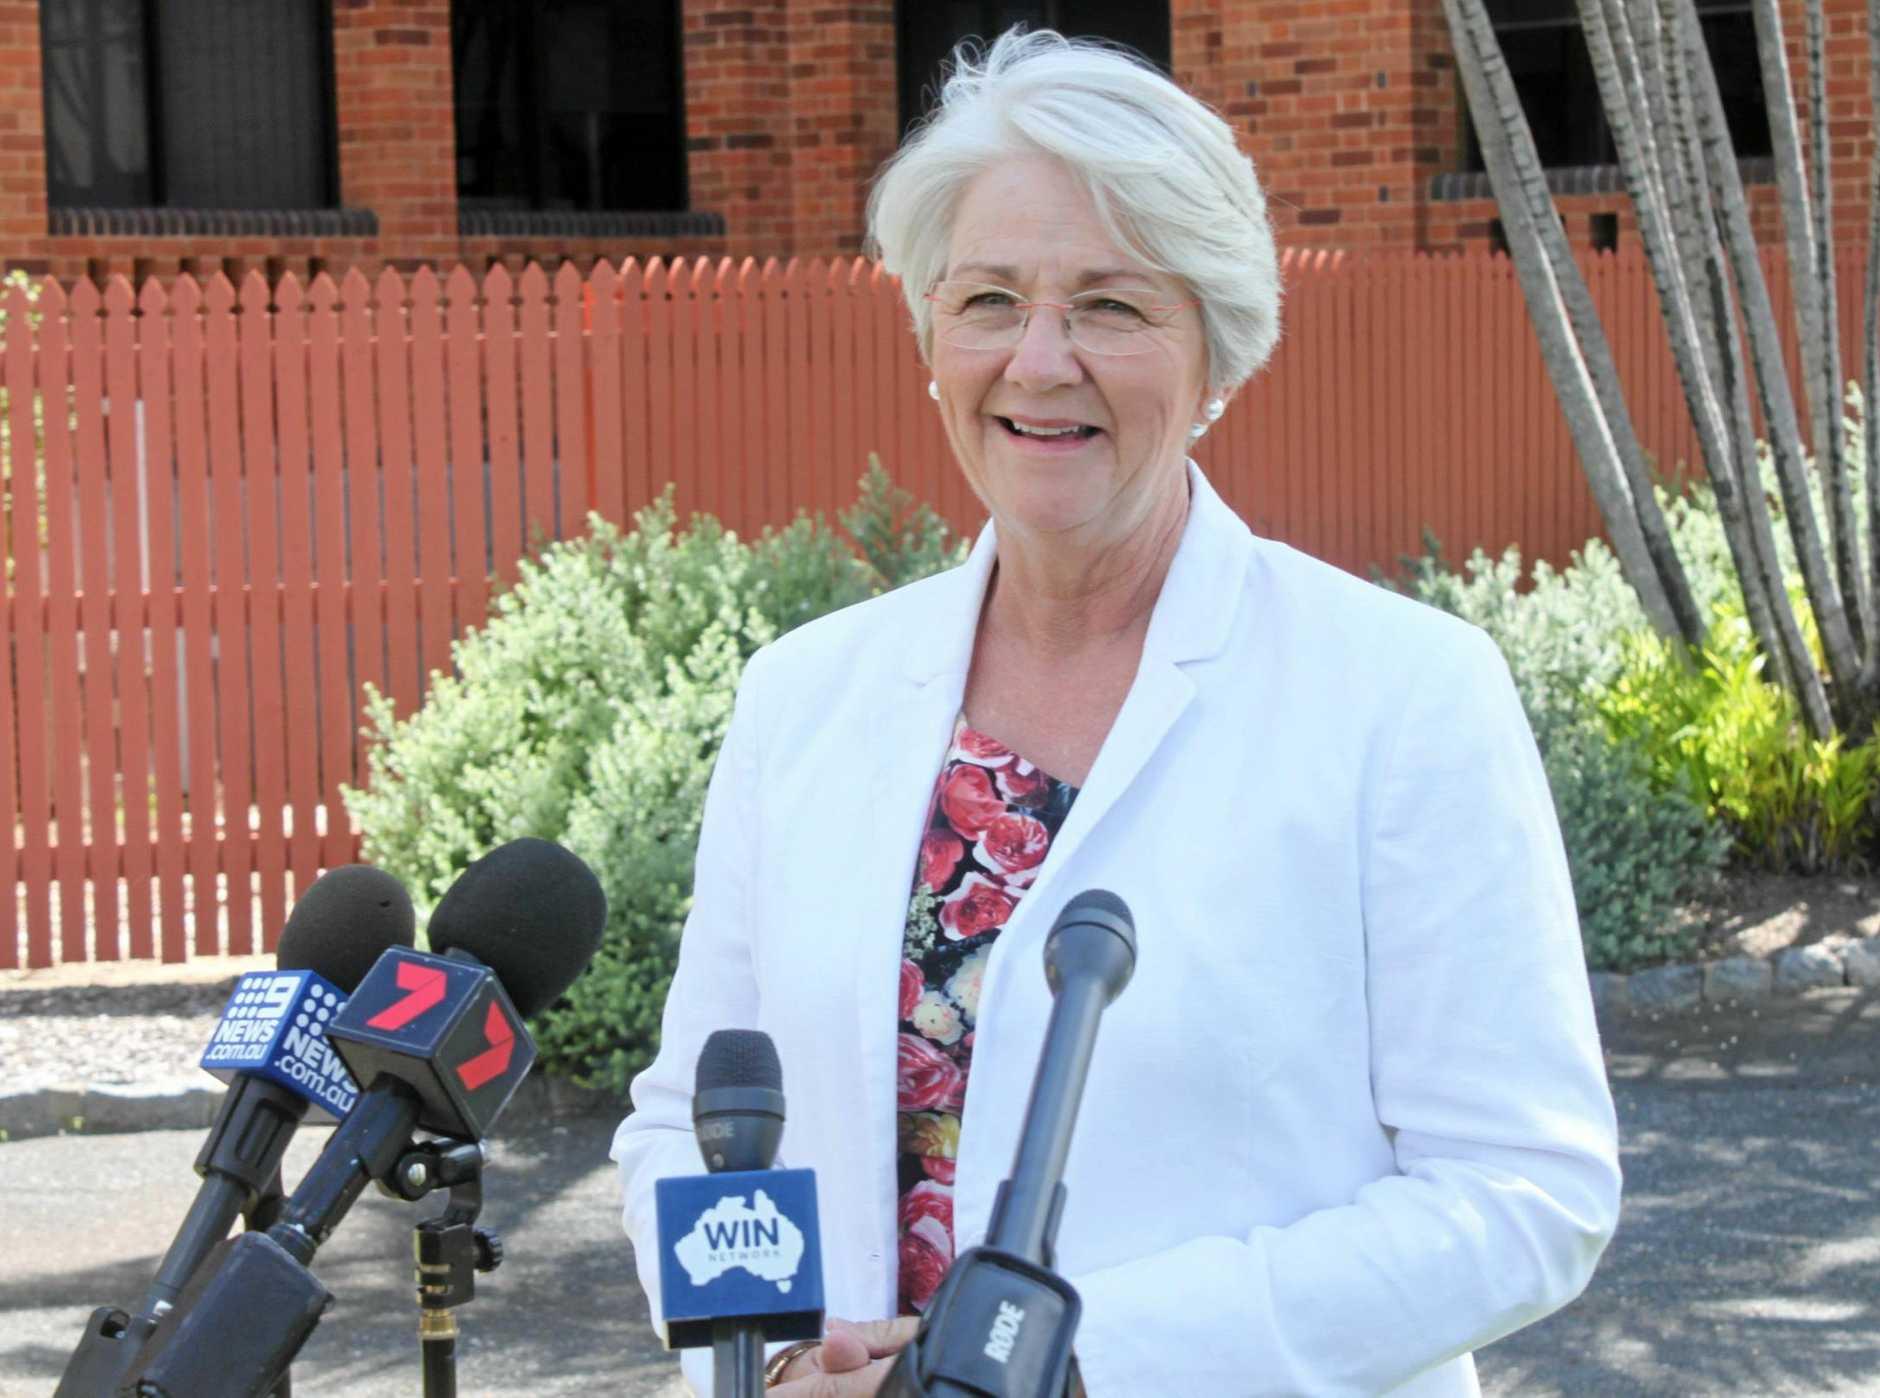 ADANI SUPPORT: Rockhampton Region mayor believes Opposition Leader Bill Shorten should be backing in CQ jobs.